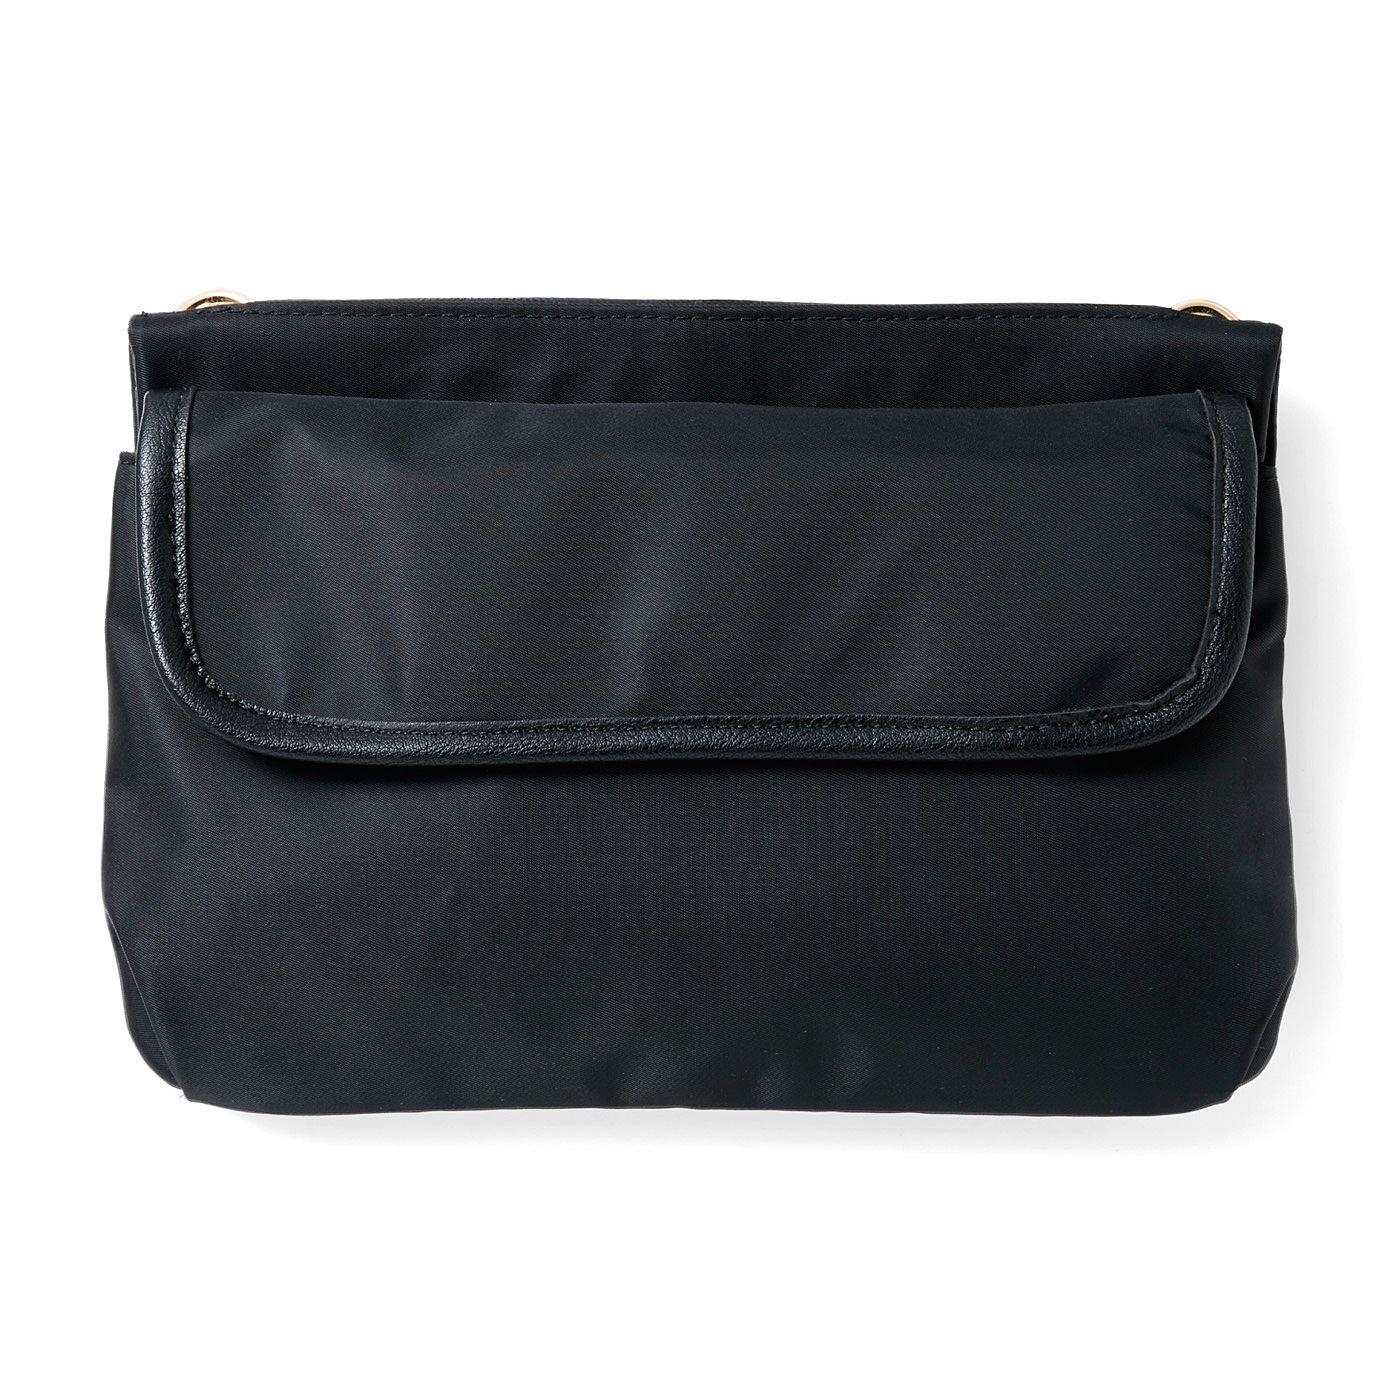 [バックポケット]スマートフォン、ティッシュやハンカチなど、必需品を分類して持ち運び。